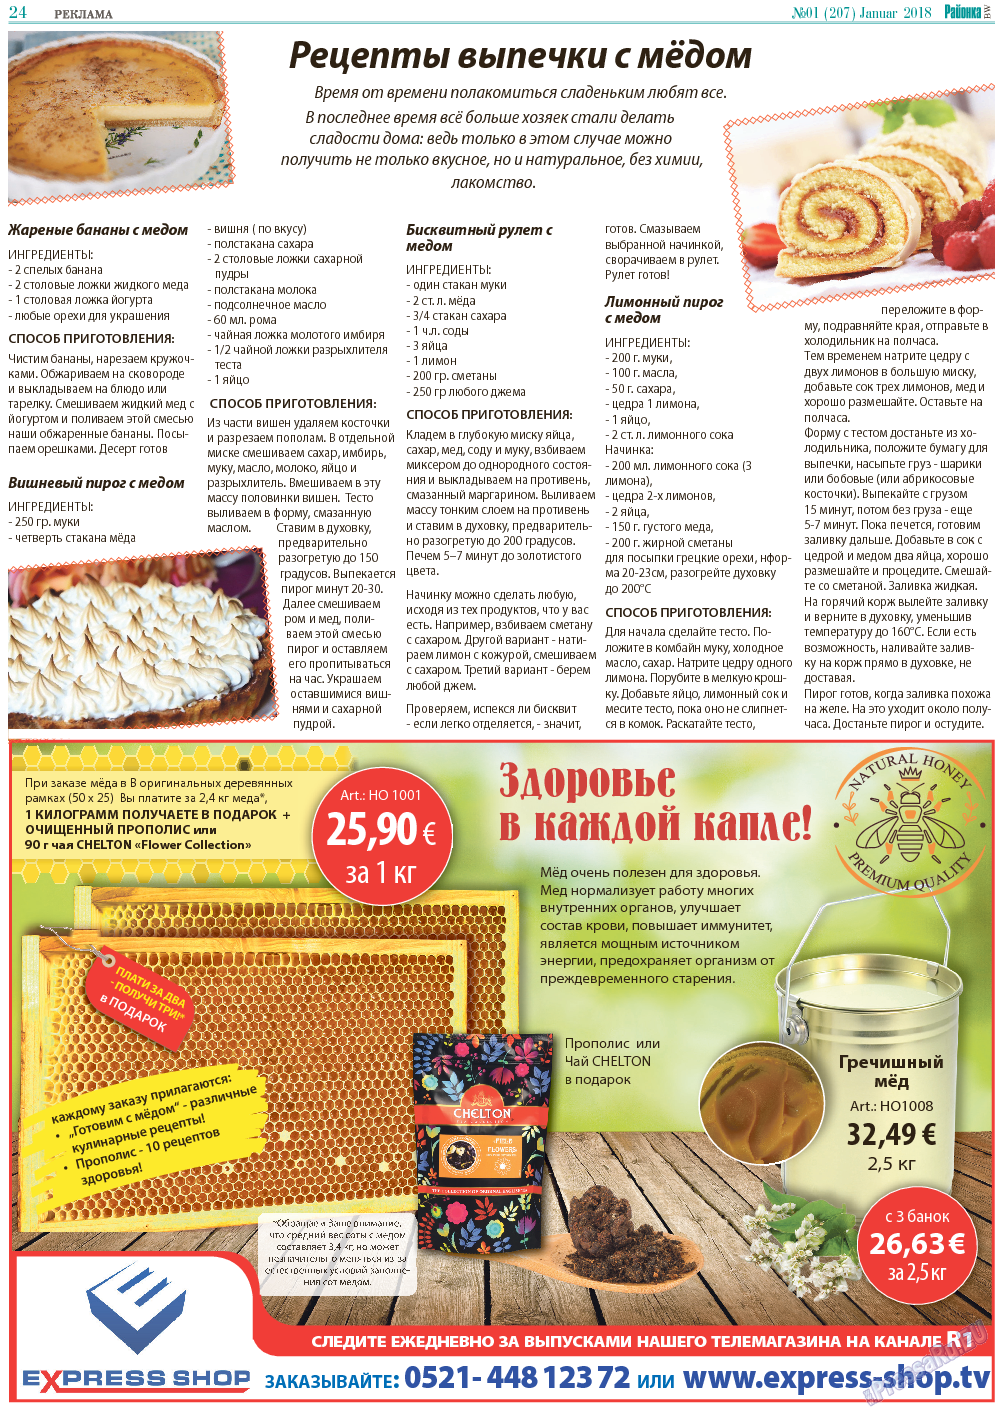 Районка-West (газета). 2018 год, номер 1, стр. 24